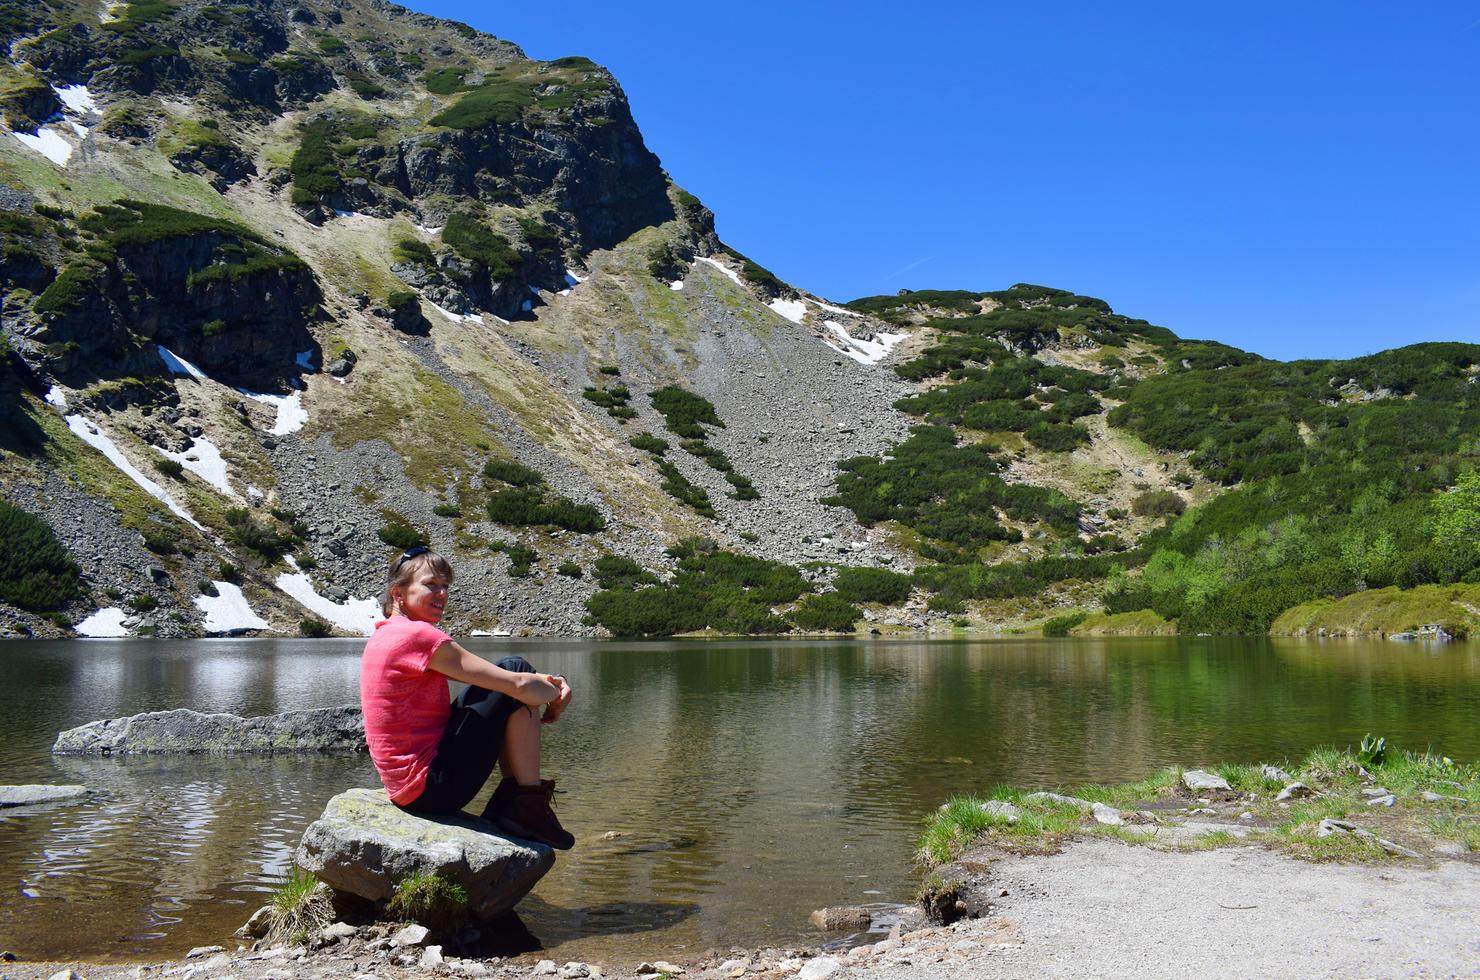 Praxistest eden quality fernglas hd hiking